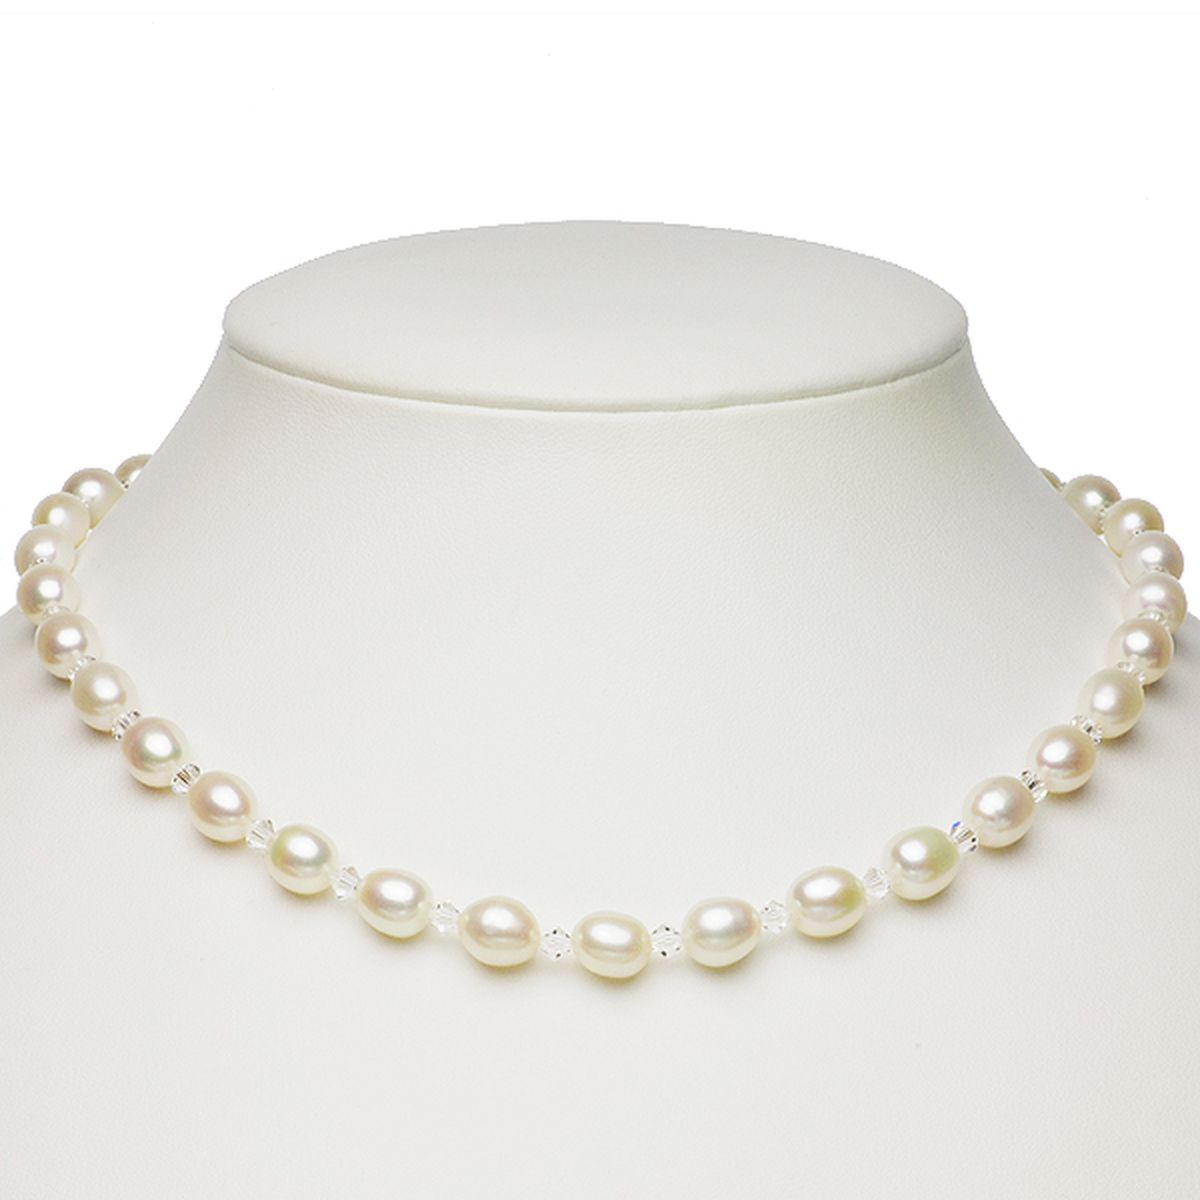 淡水真珠オリジナルデザインネックレス 約7.5-8.5mmの写真